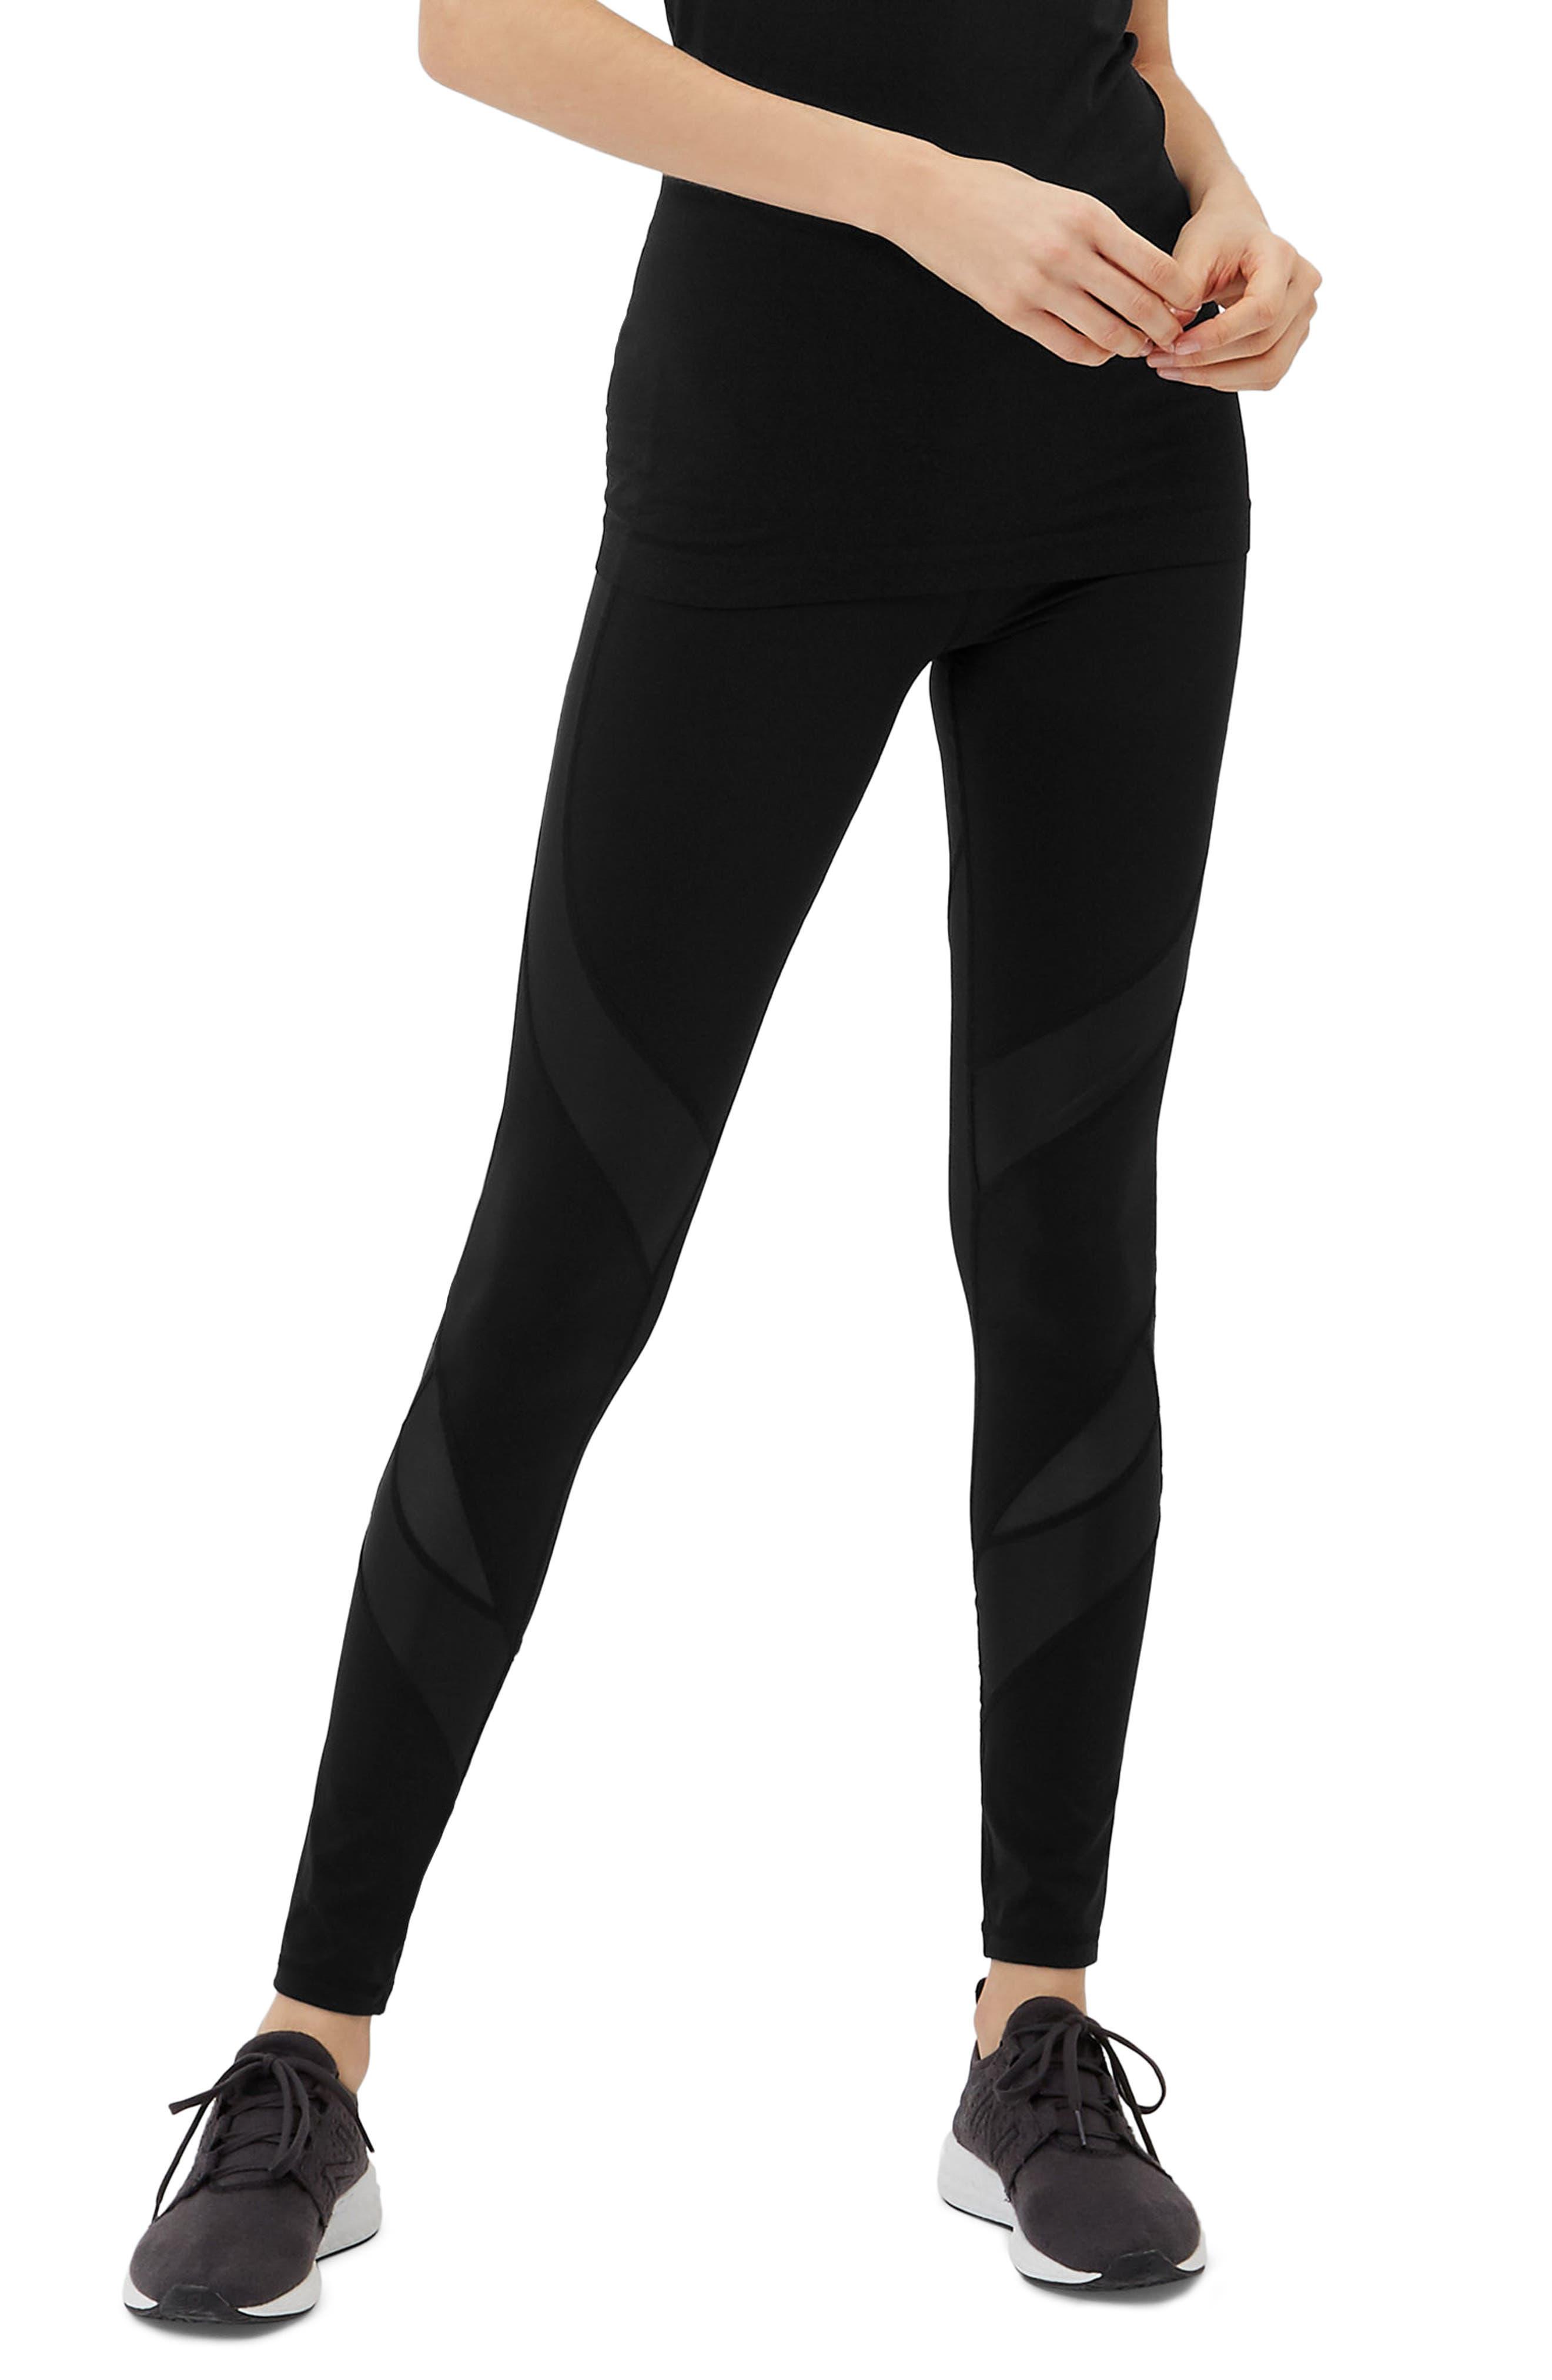 Wetlook Run Leggings,                         Main,                         color, Black